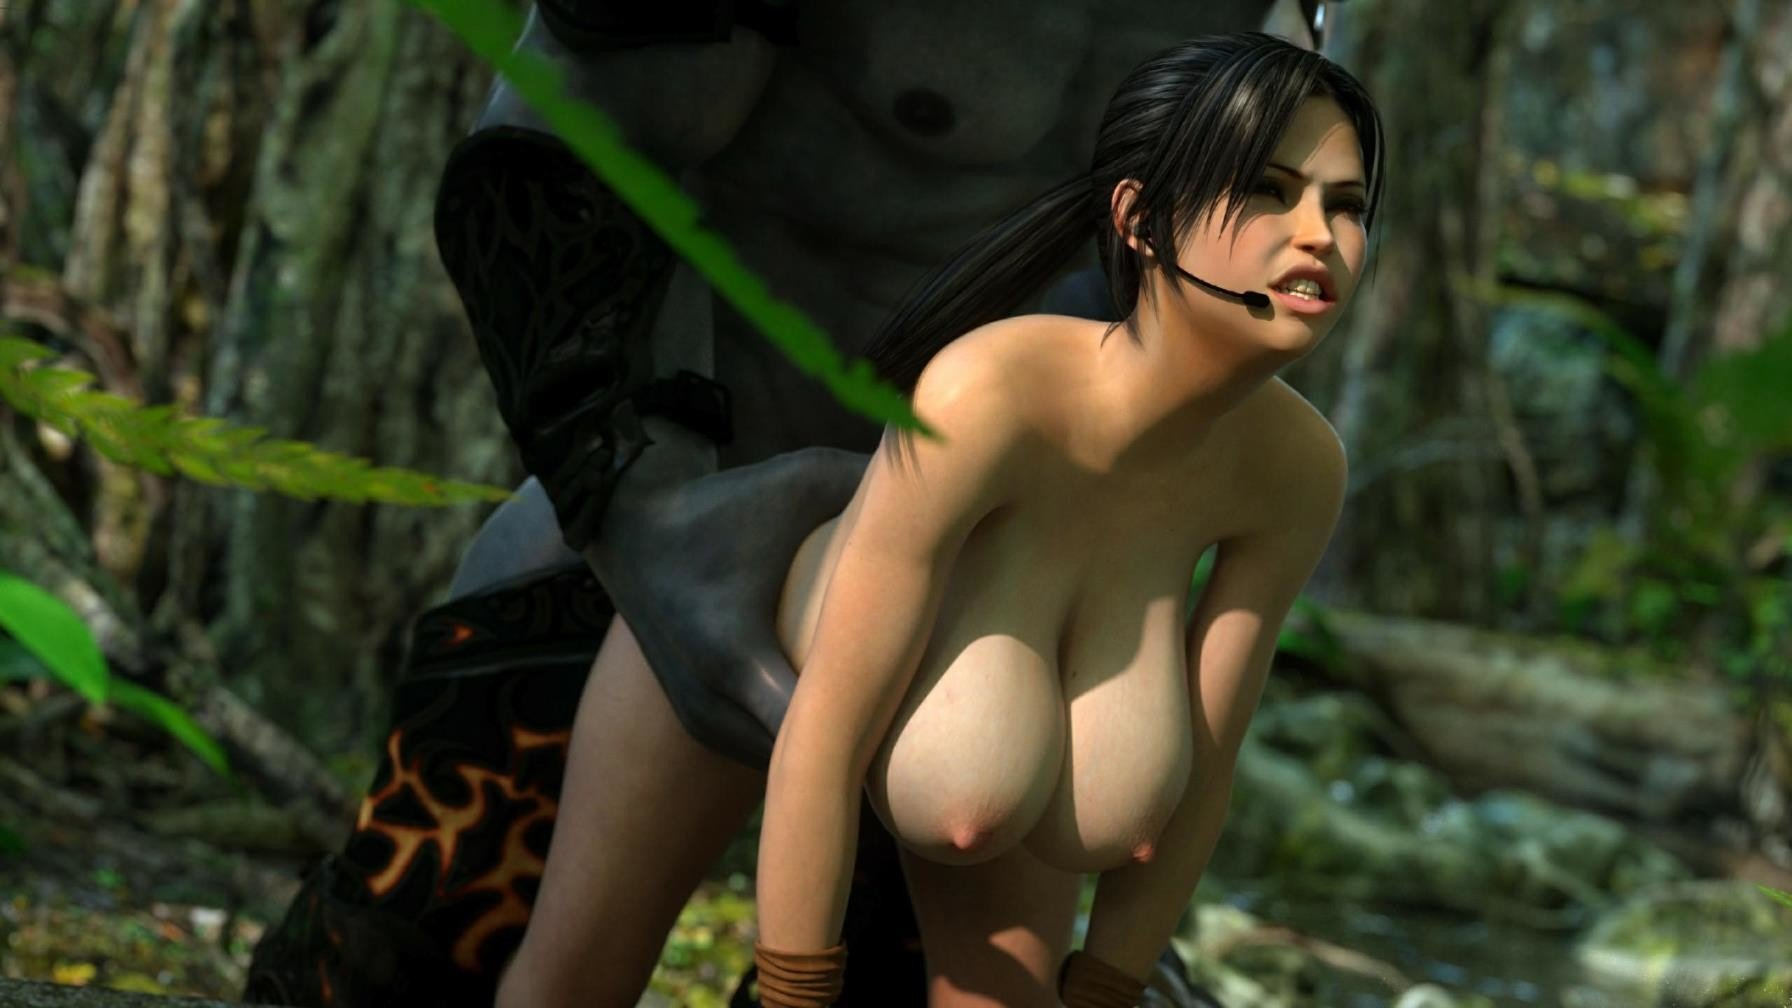 julia robert nude